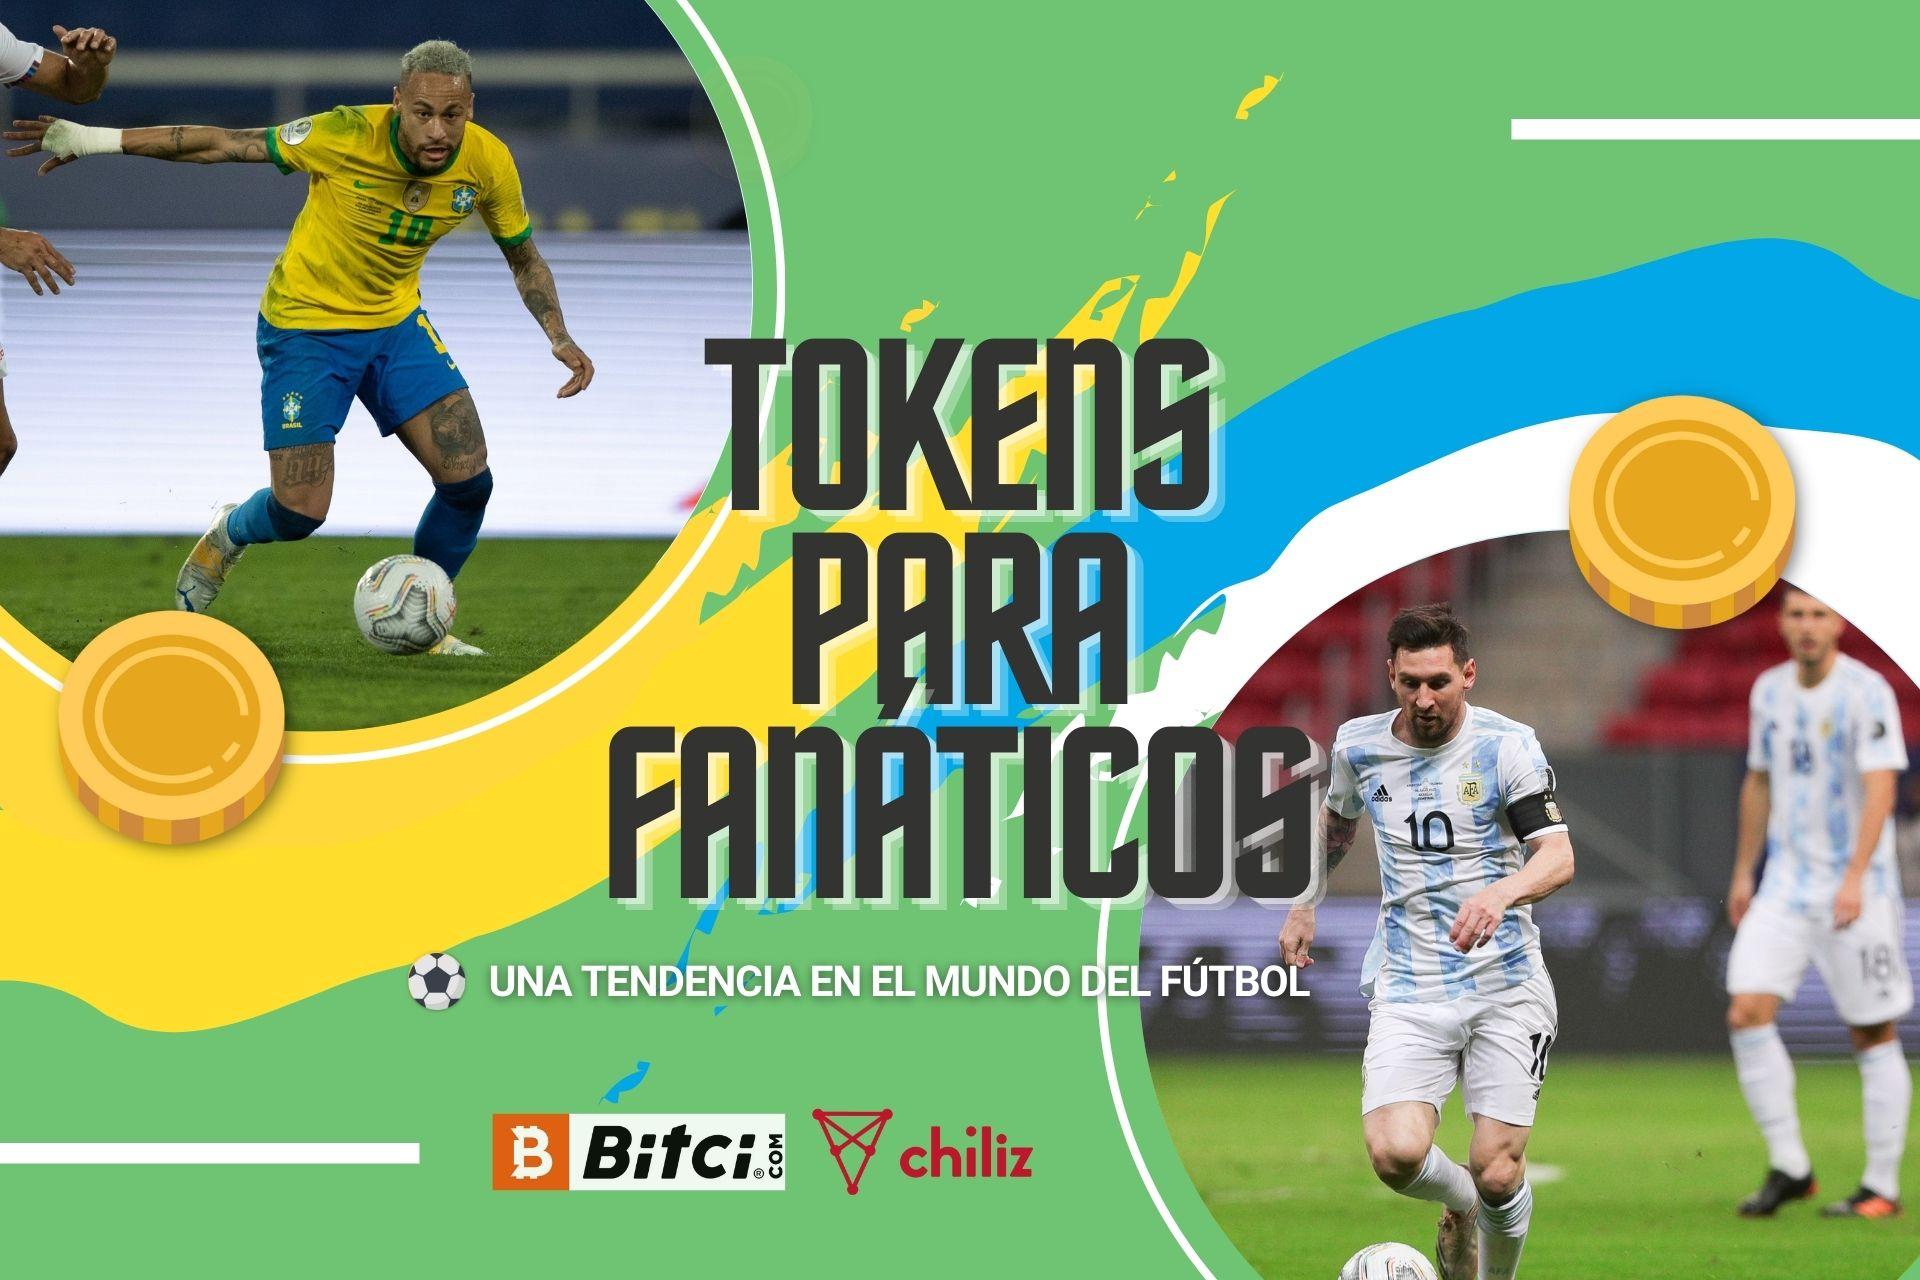 Brasil y Argentina protagonizan una final de Copa América entre dos históricas selecciones de fútbol que apuestan por los tokens para fanáticos